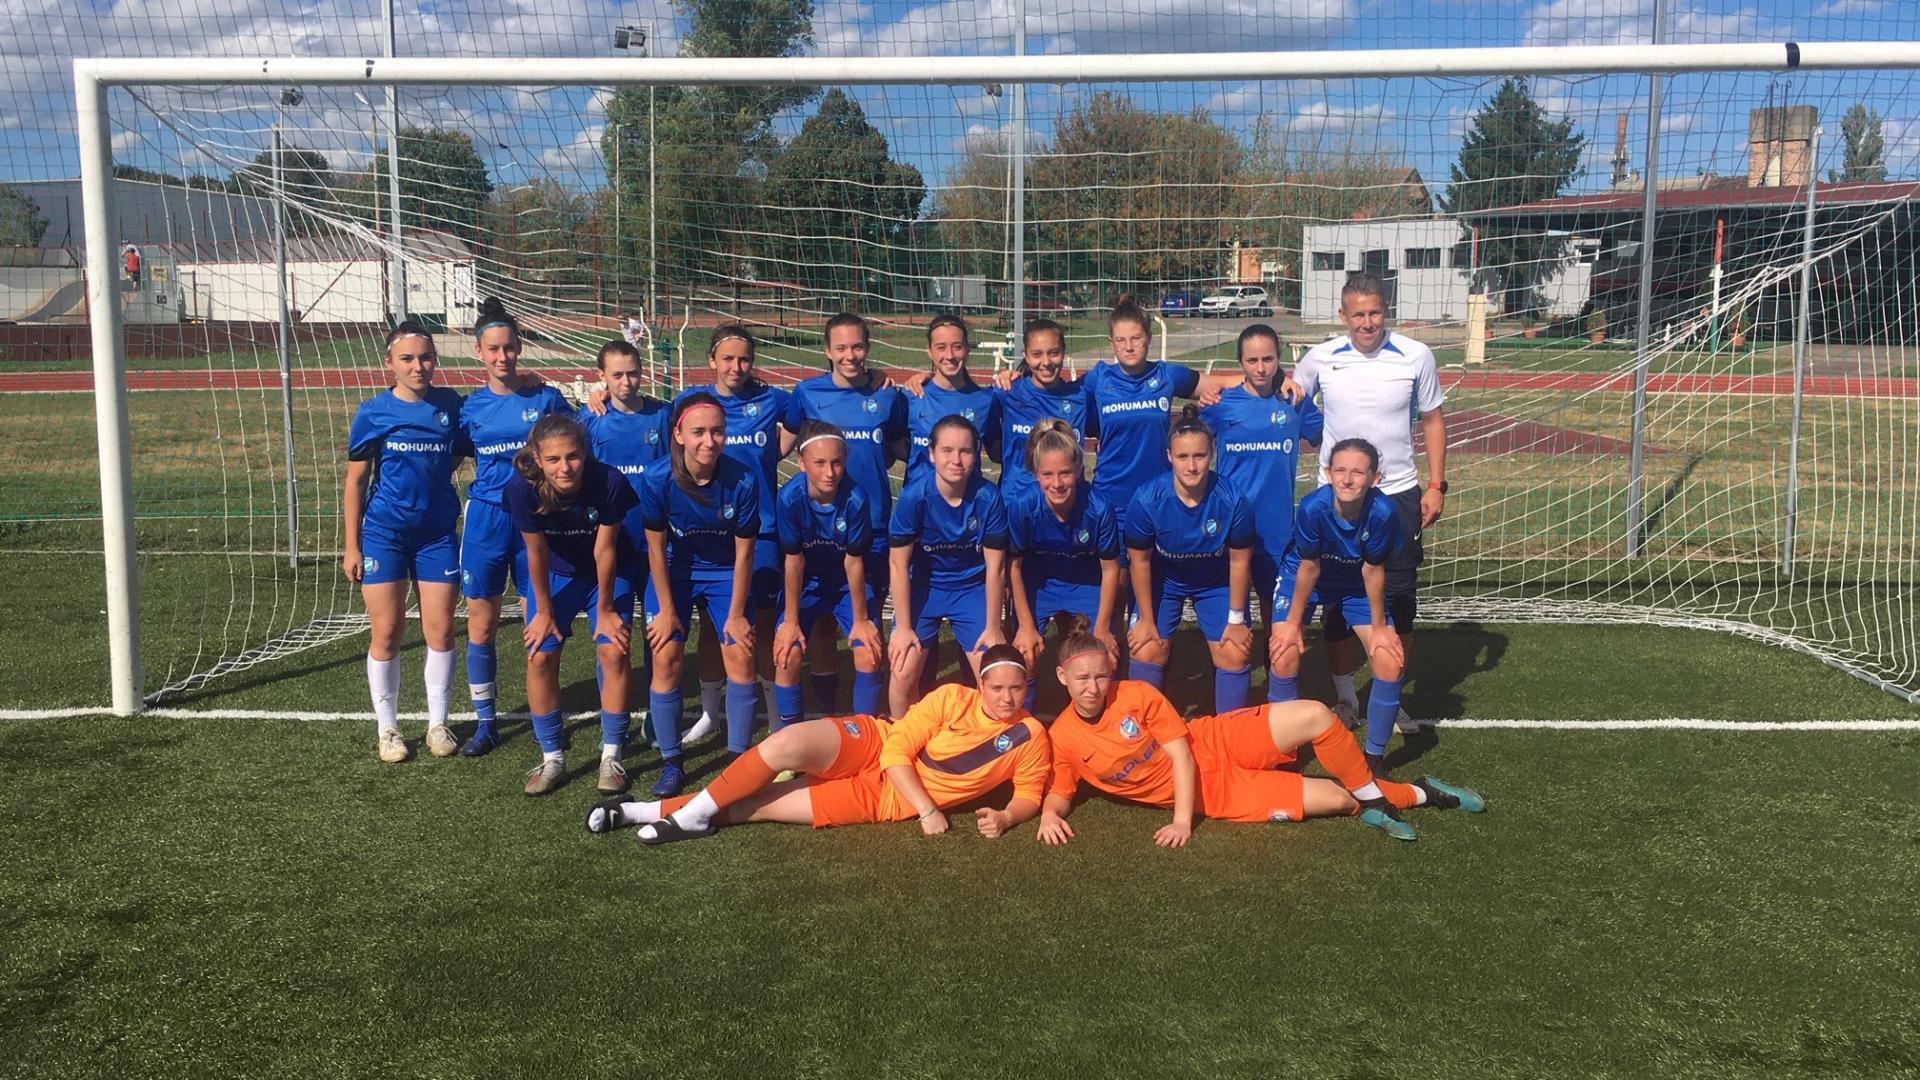 U19: Berencsi vezérletével magabiztos siker a Vasas Akadémia ellen